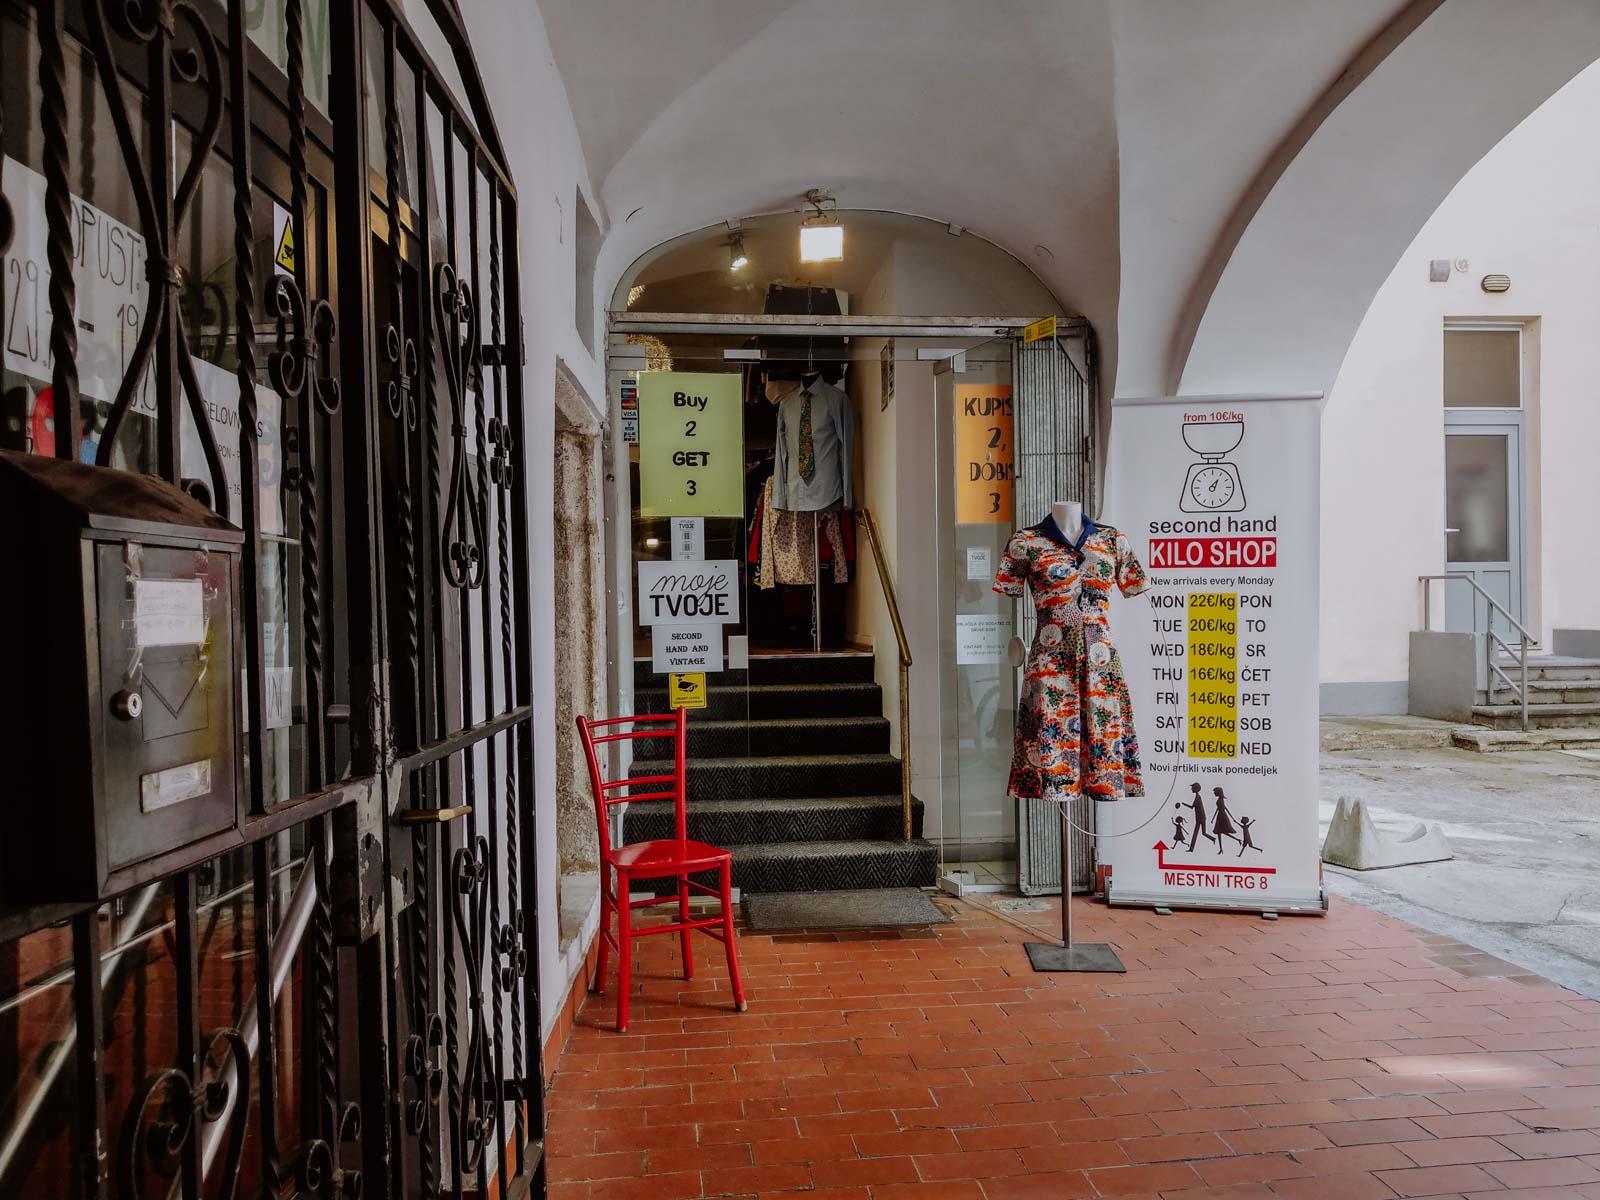 Moje Tvoje Vintage Store in Ljubljana, including a vintage kilo sale section